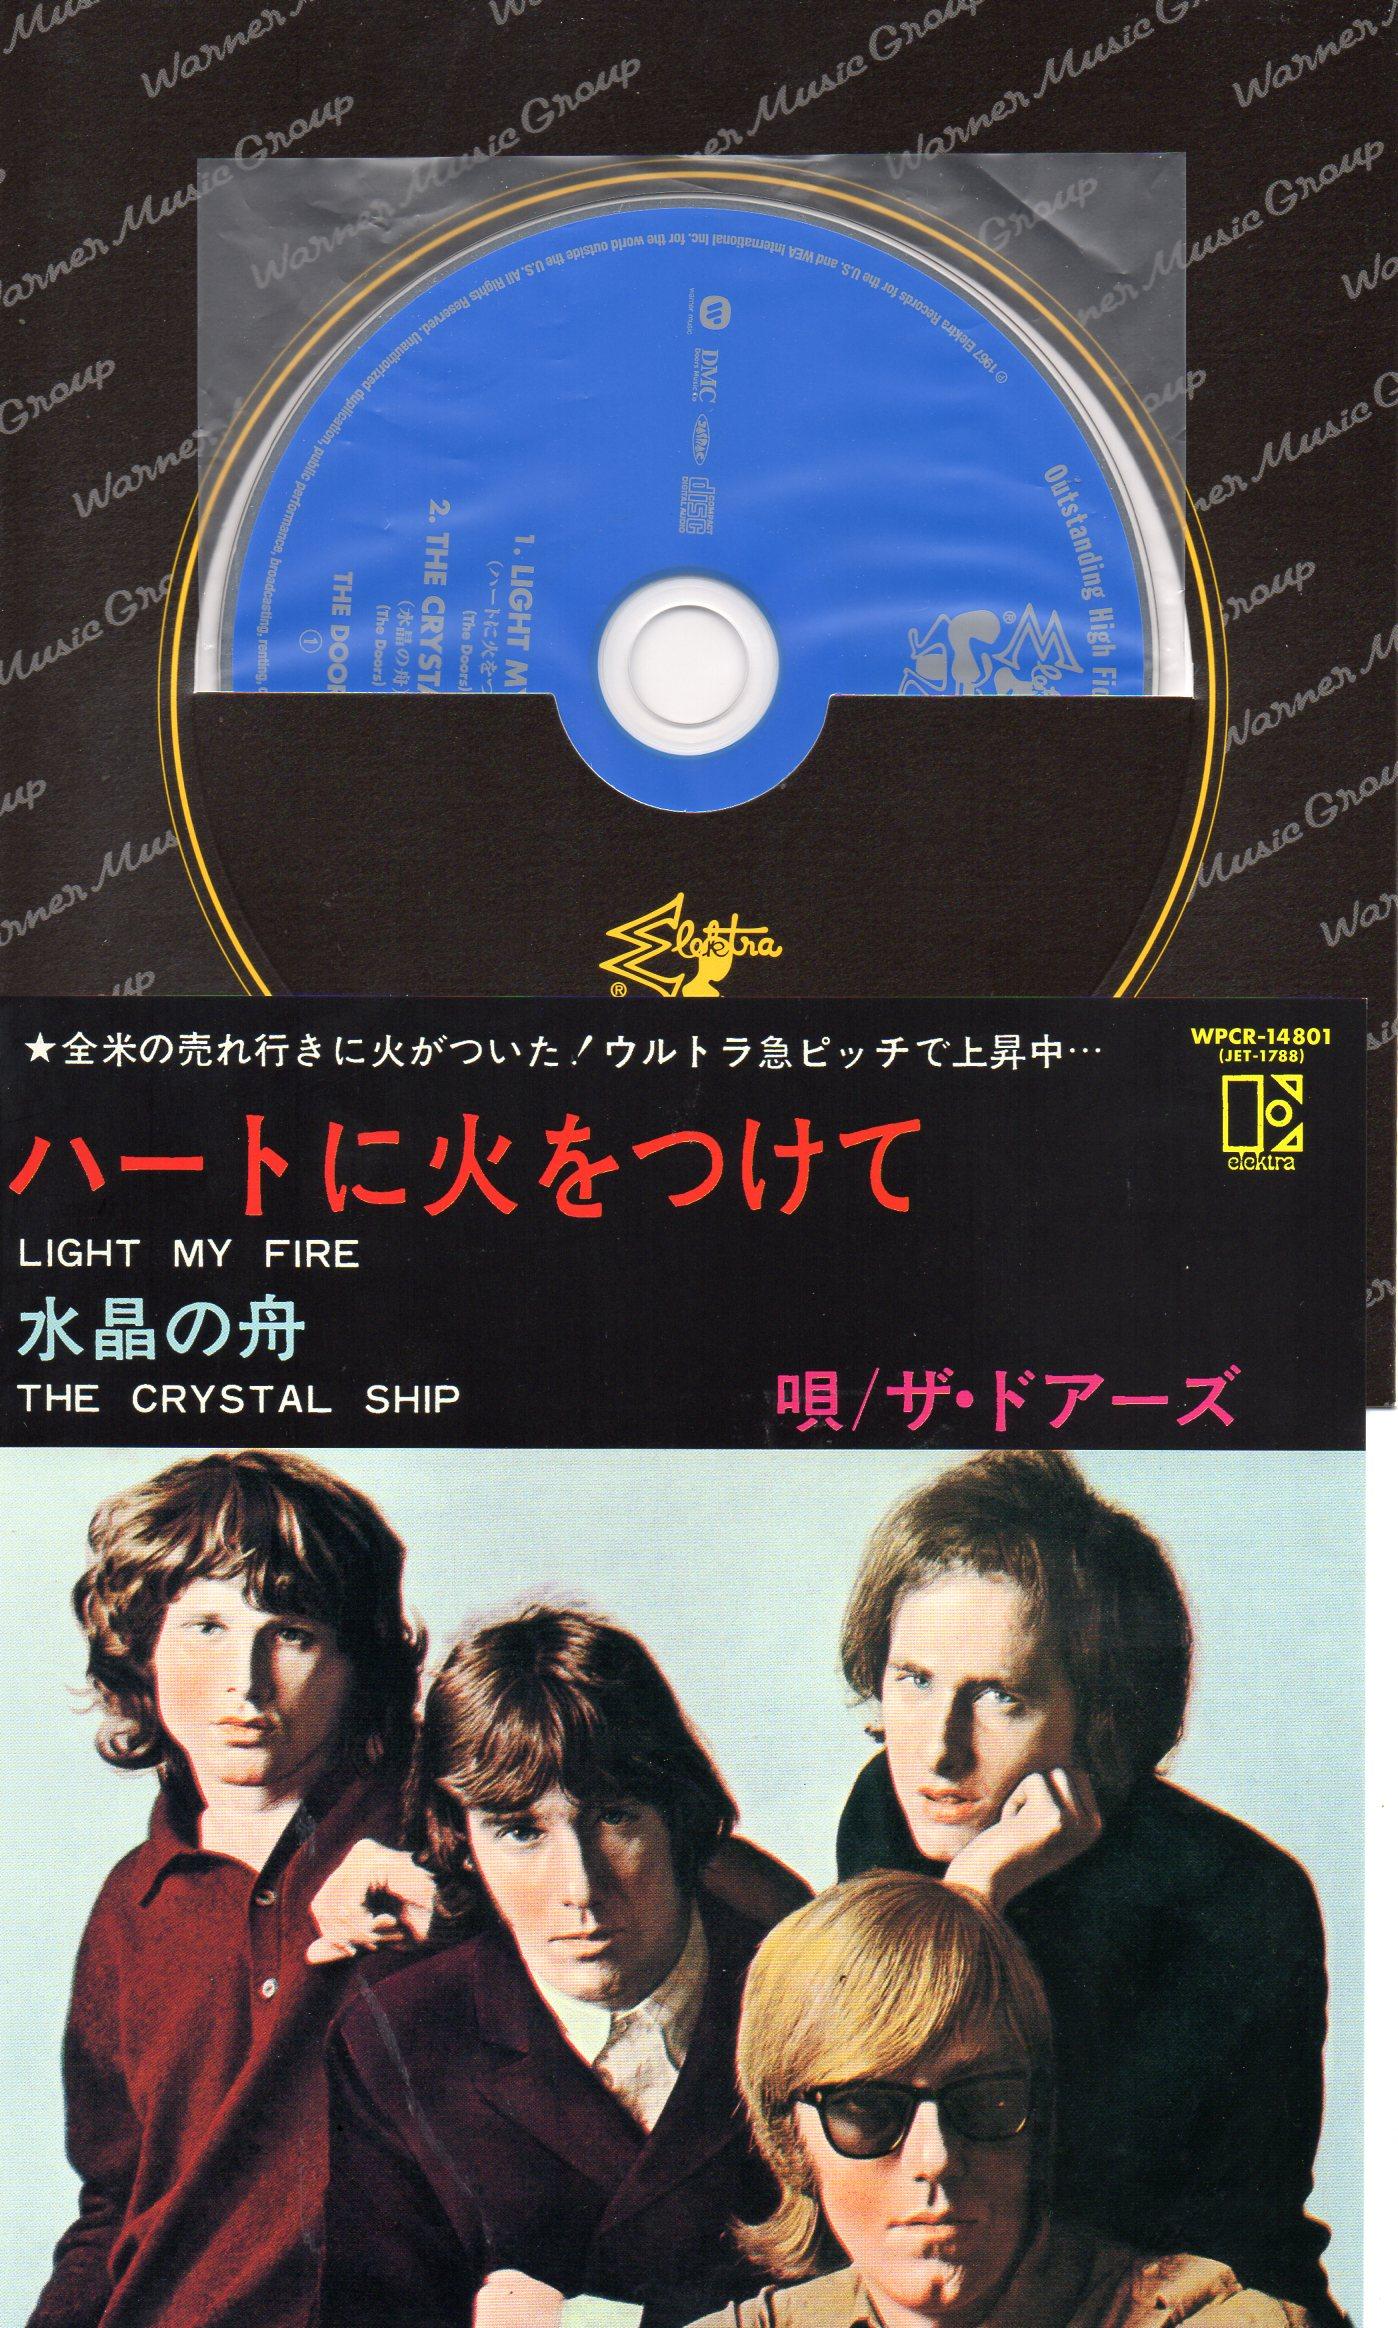 THE DOORS - Morrison Hotel 11-TRACK + 10 BONUS TRACKS - CD